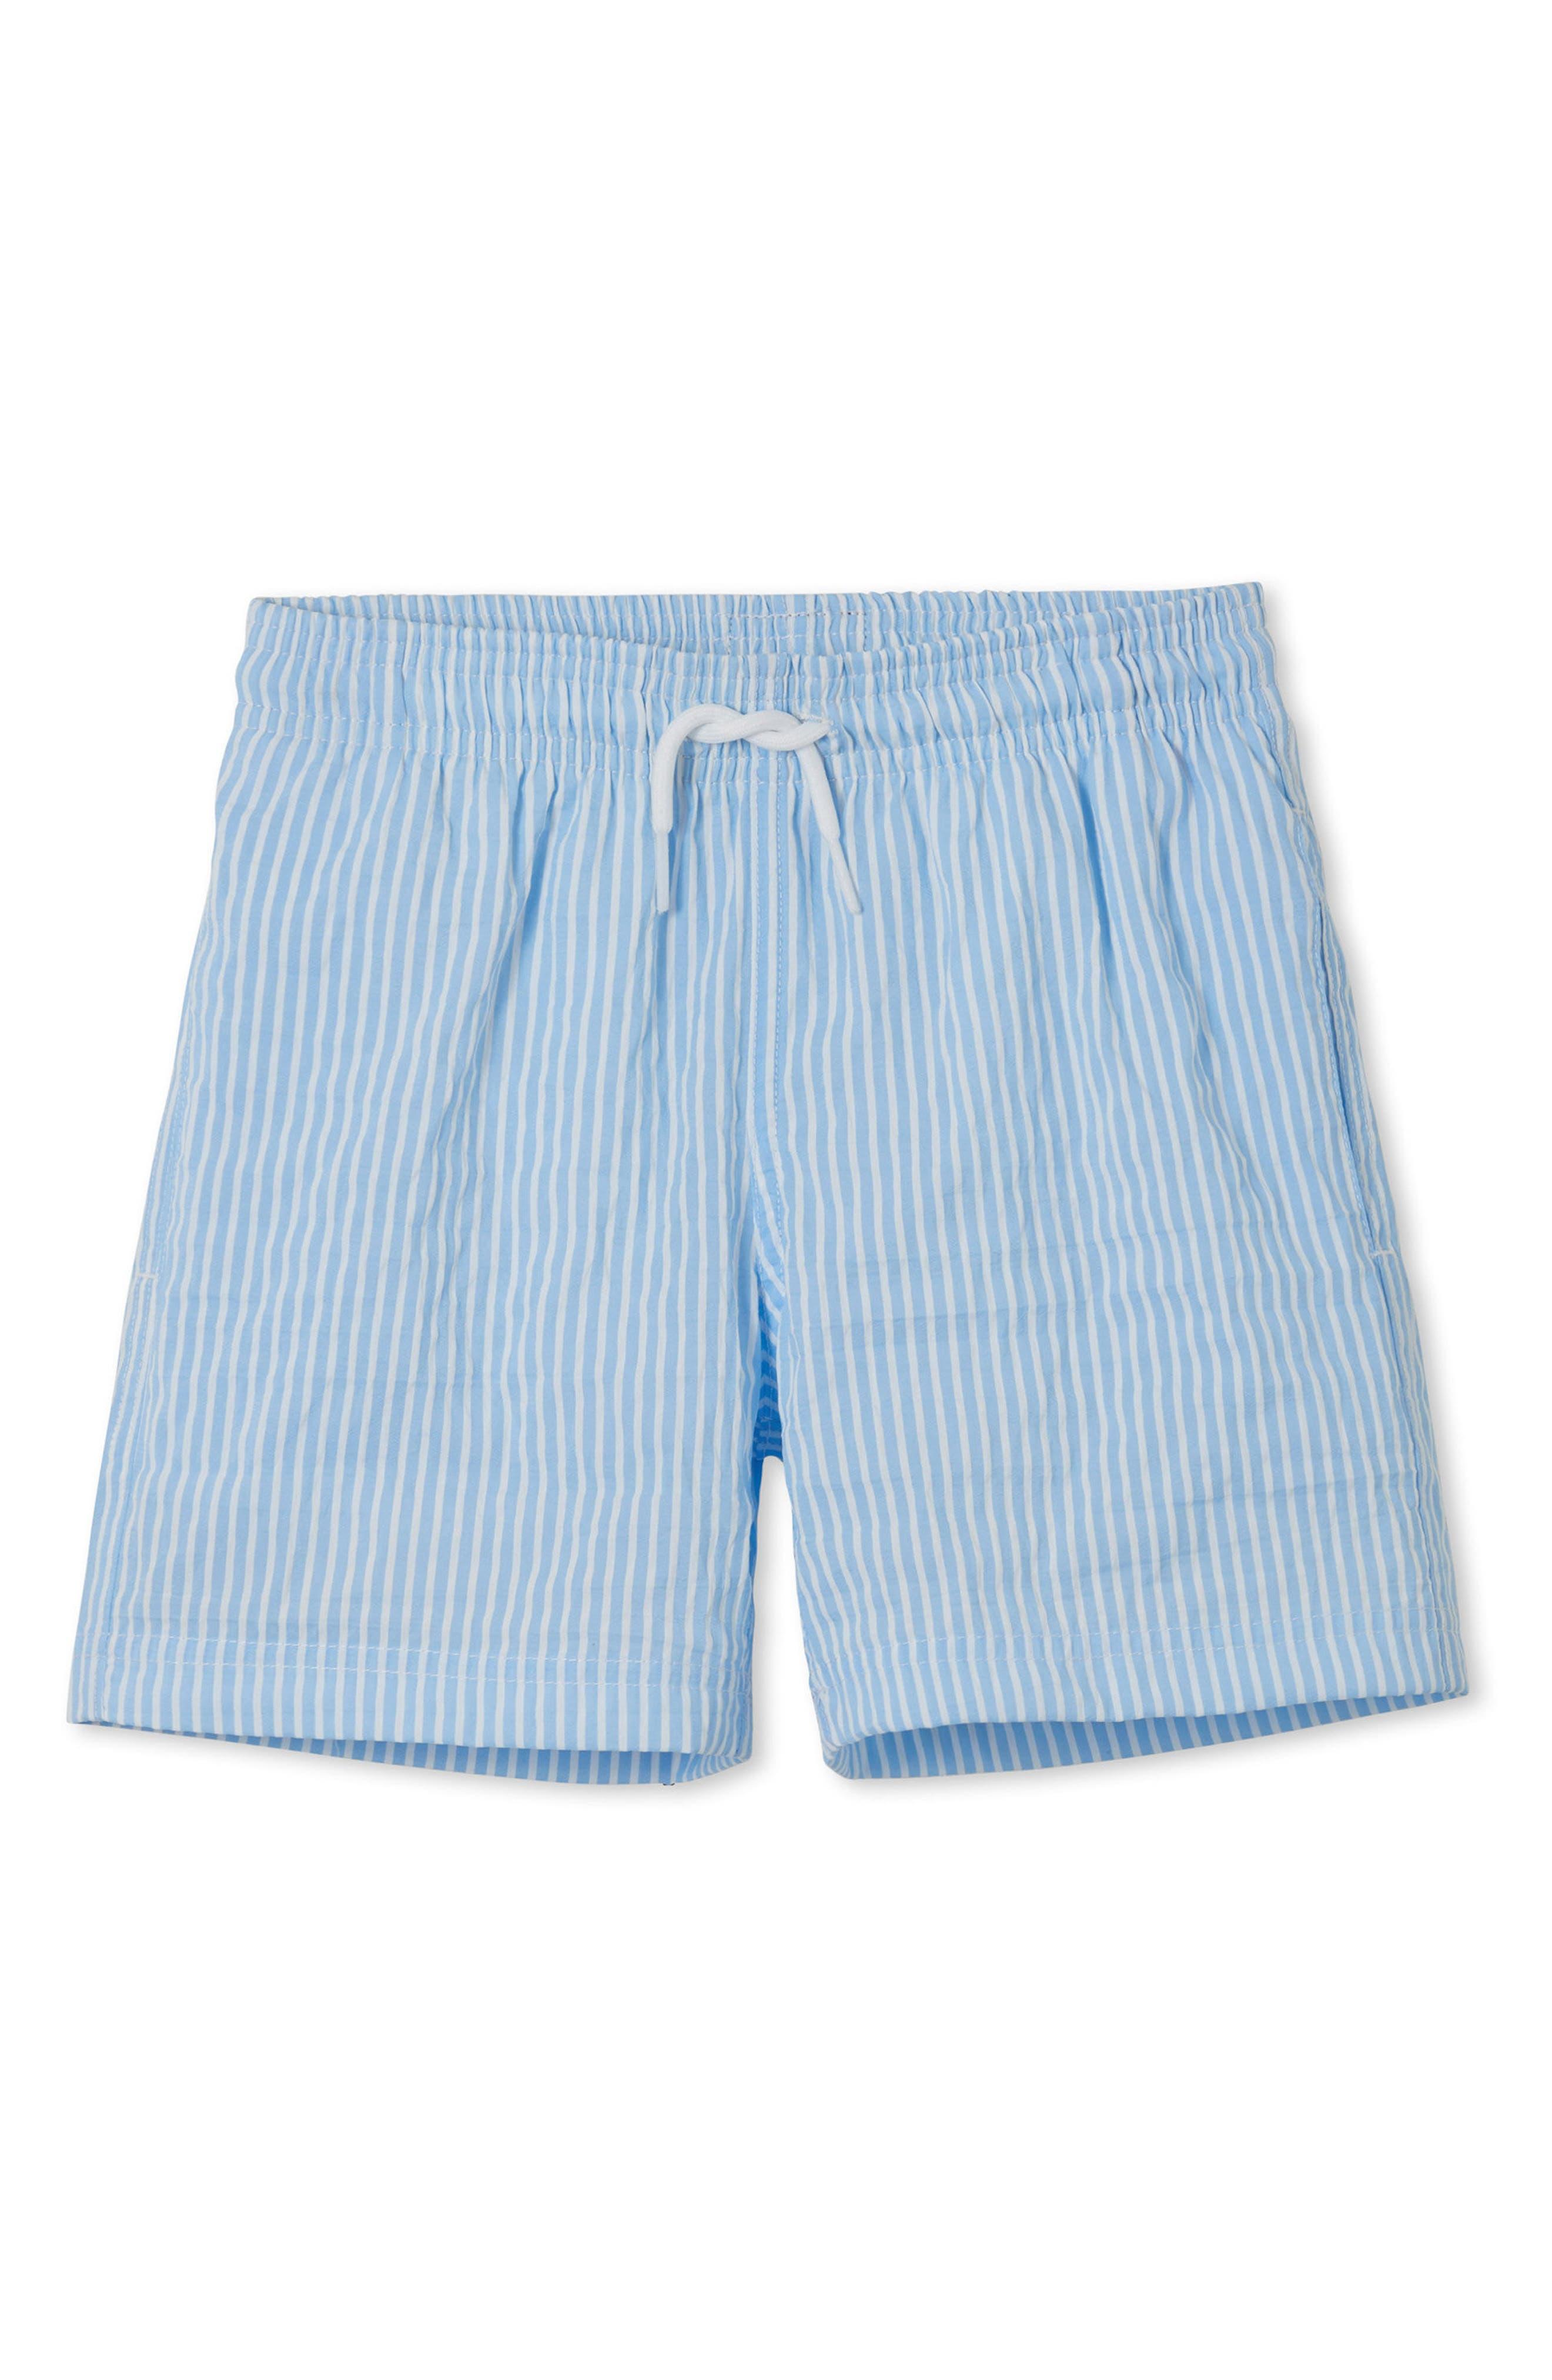 Blue Stripe Swim Trunks,                             Main thumbnail 1, color,                             Blue